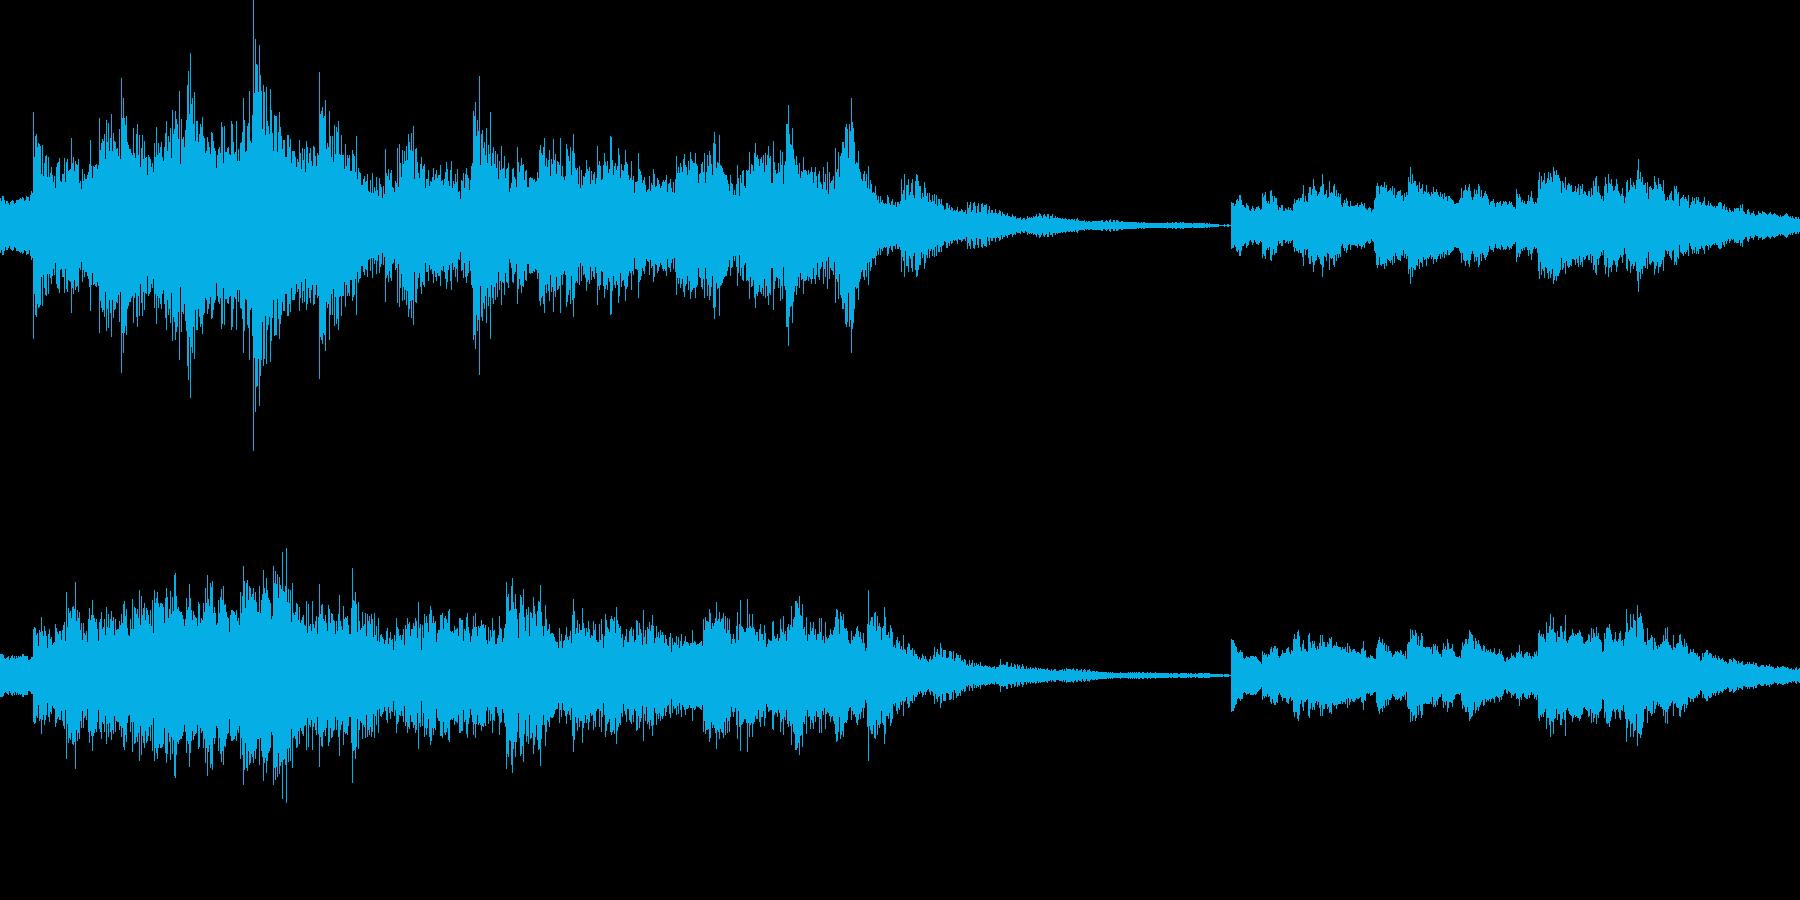 恐怖を感じさせる電子音響作品の再生済みの波形